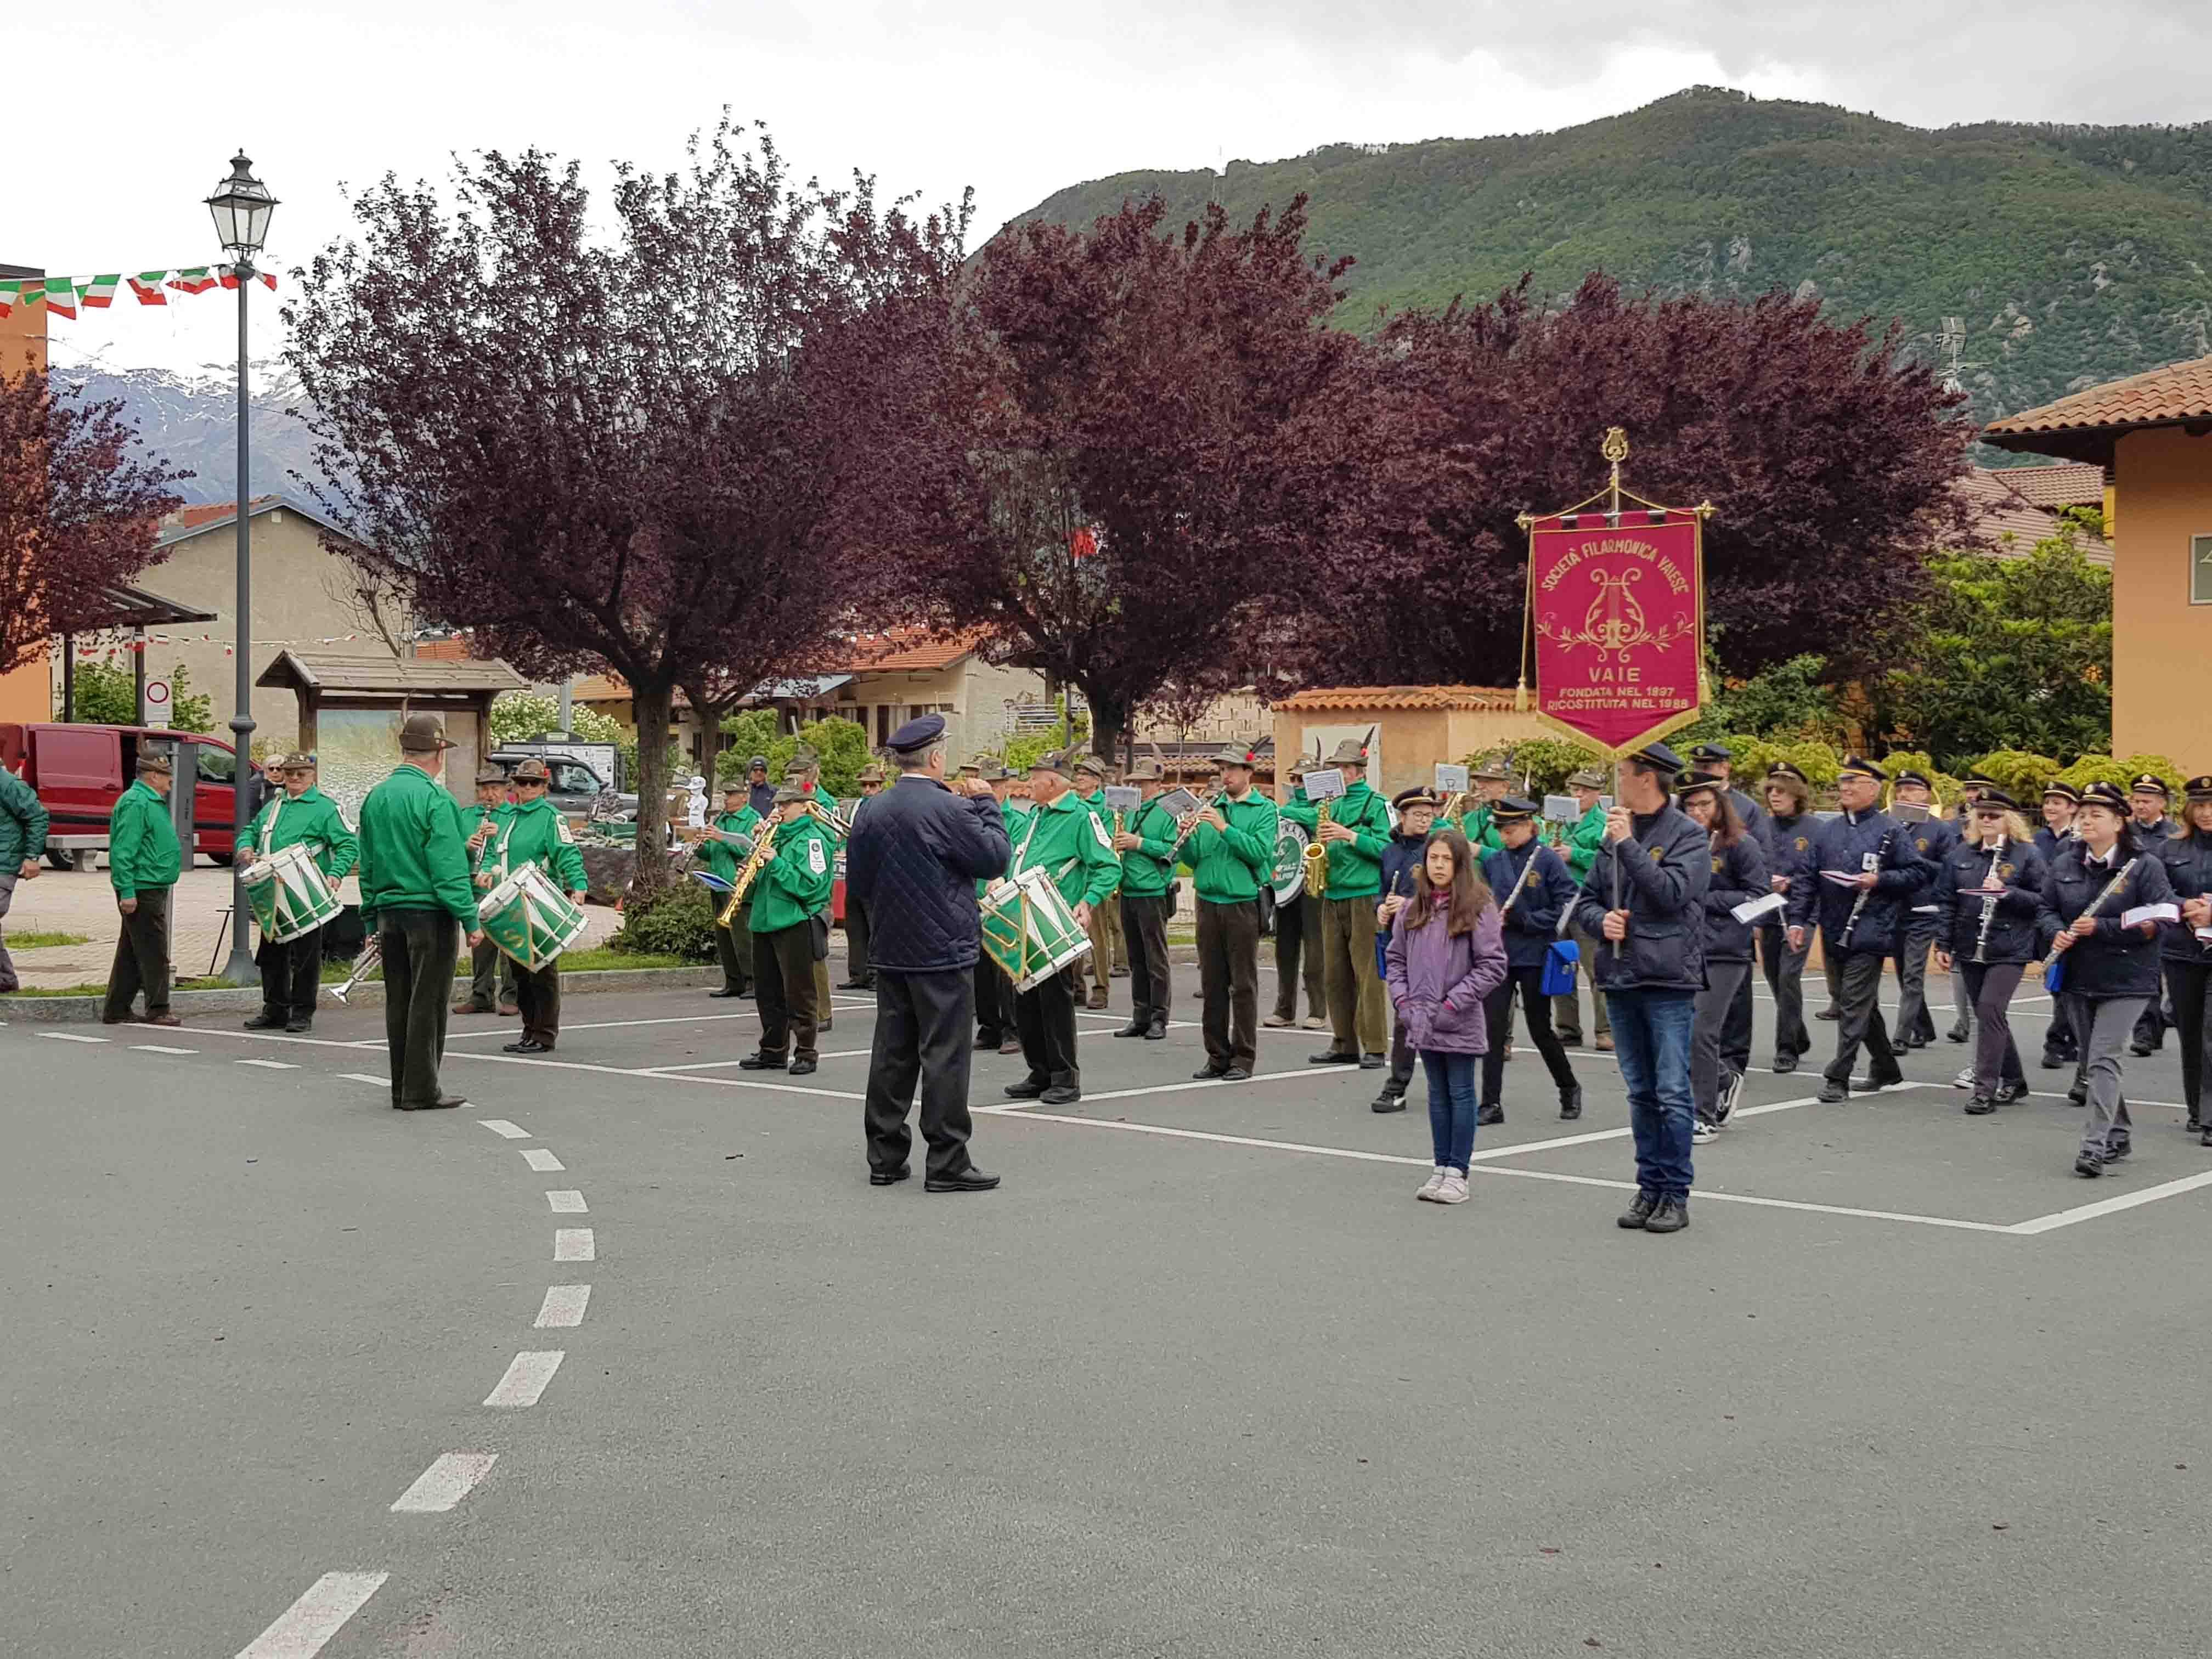 La Società Filarmonica Vaiese e la Fanfara Ana Valsusa La sfilata a Vaie Fanfara Ana Valsusa (90 anni Alpini Vaie)